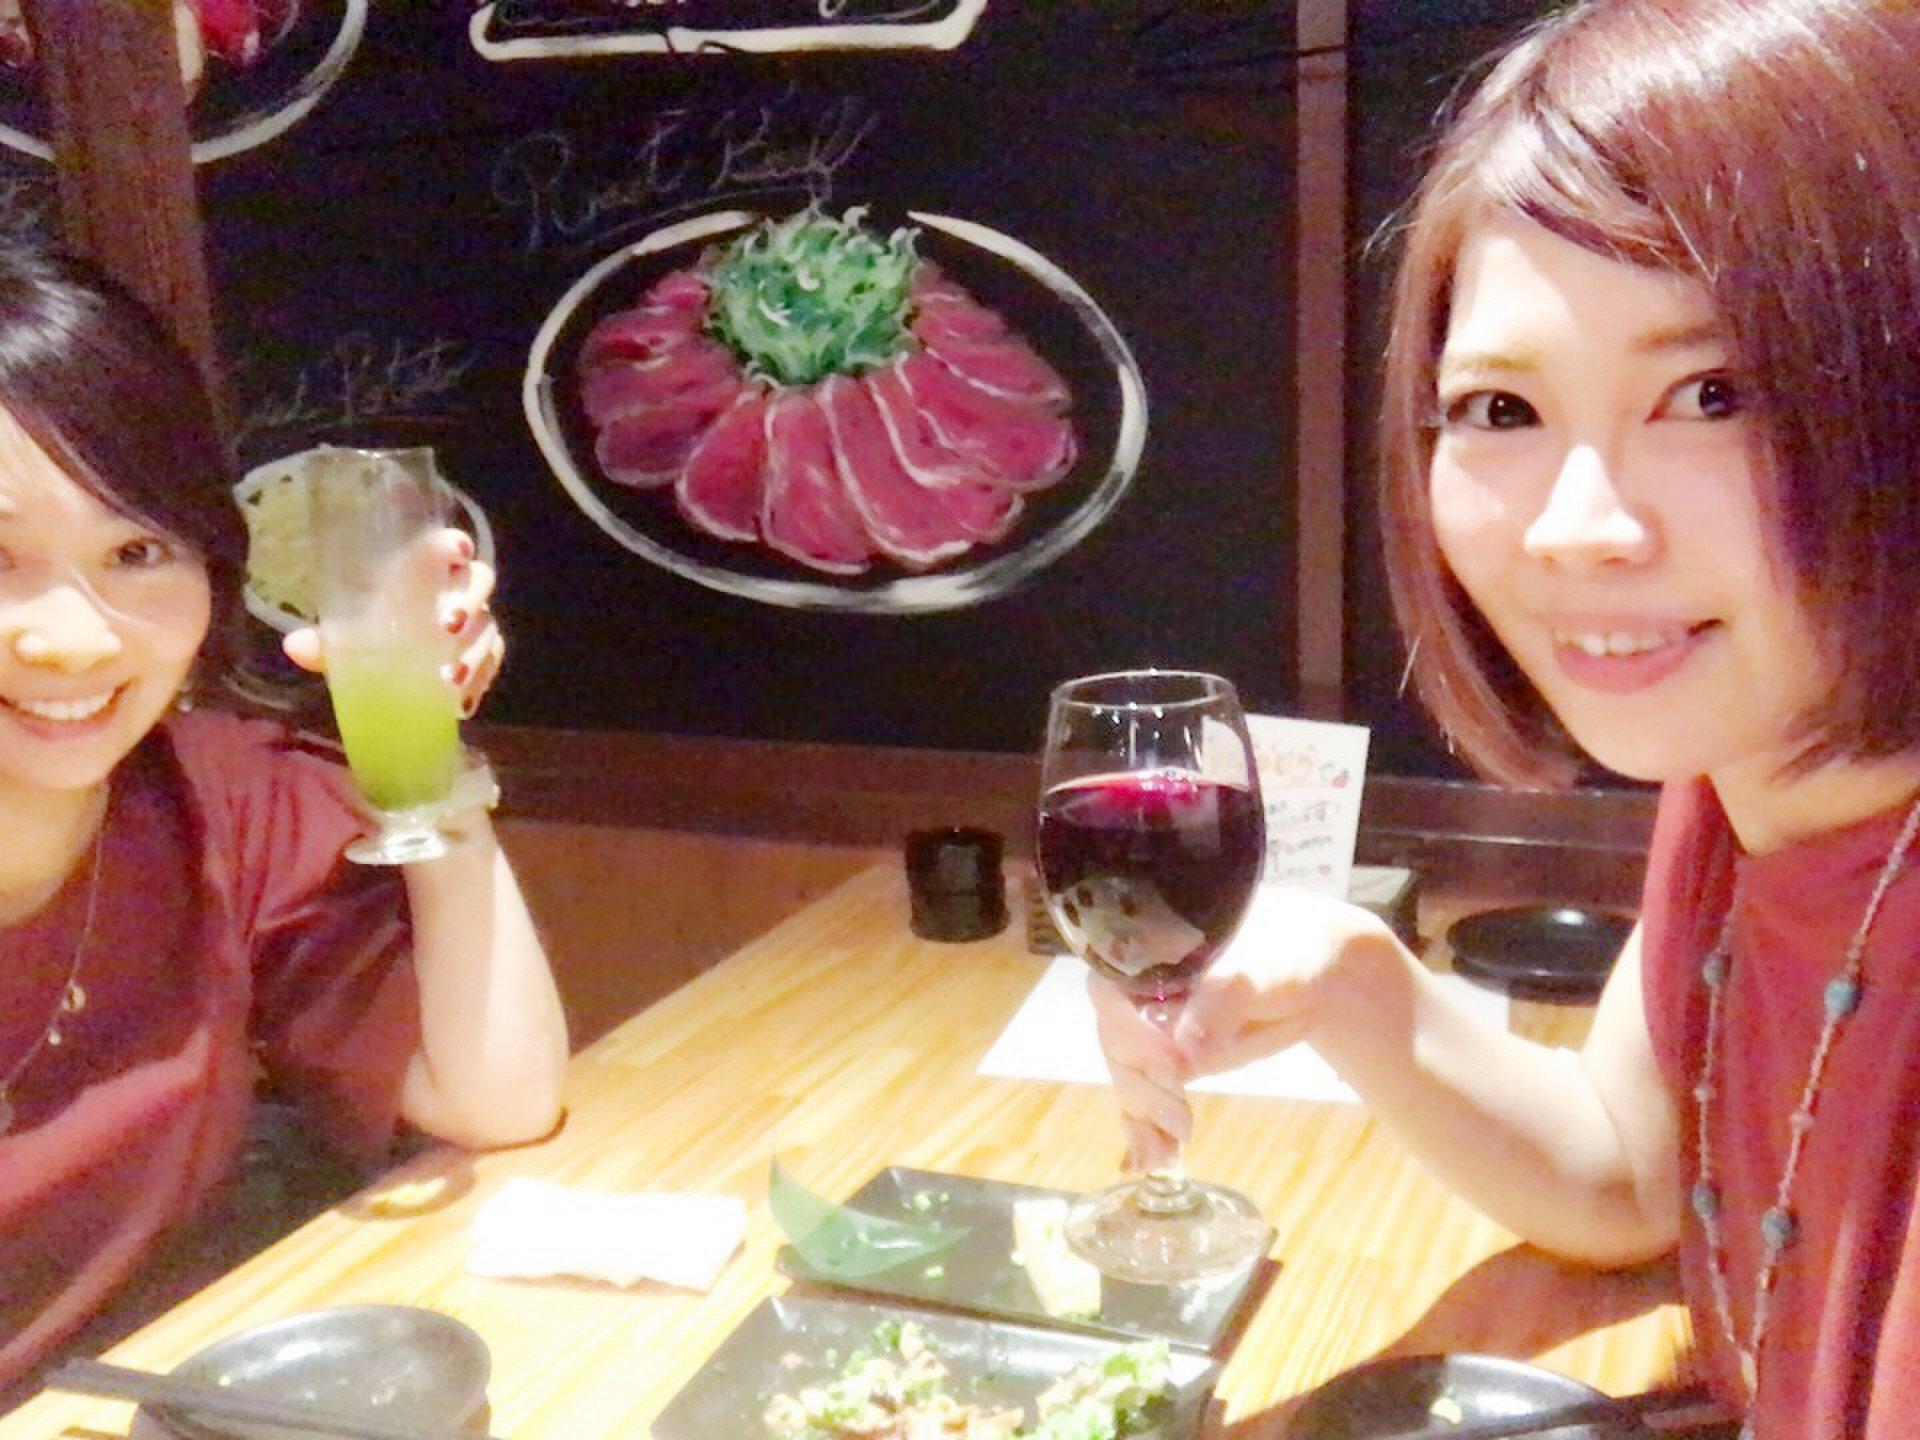 神田・忘年会におすすめのお店10選!個室店やお得な飲み放題付きのお店まで